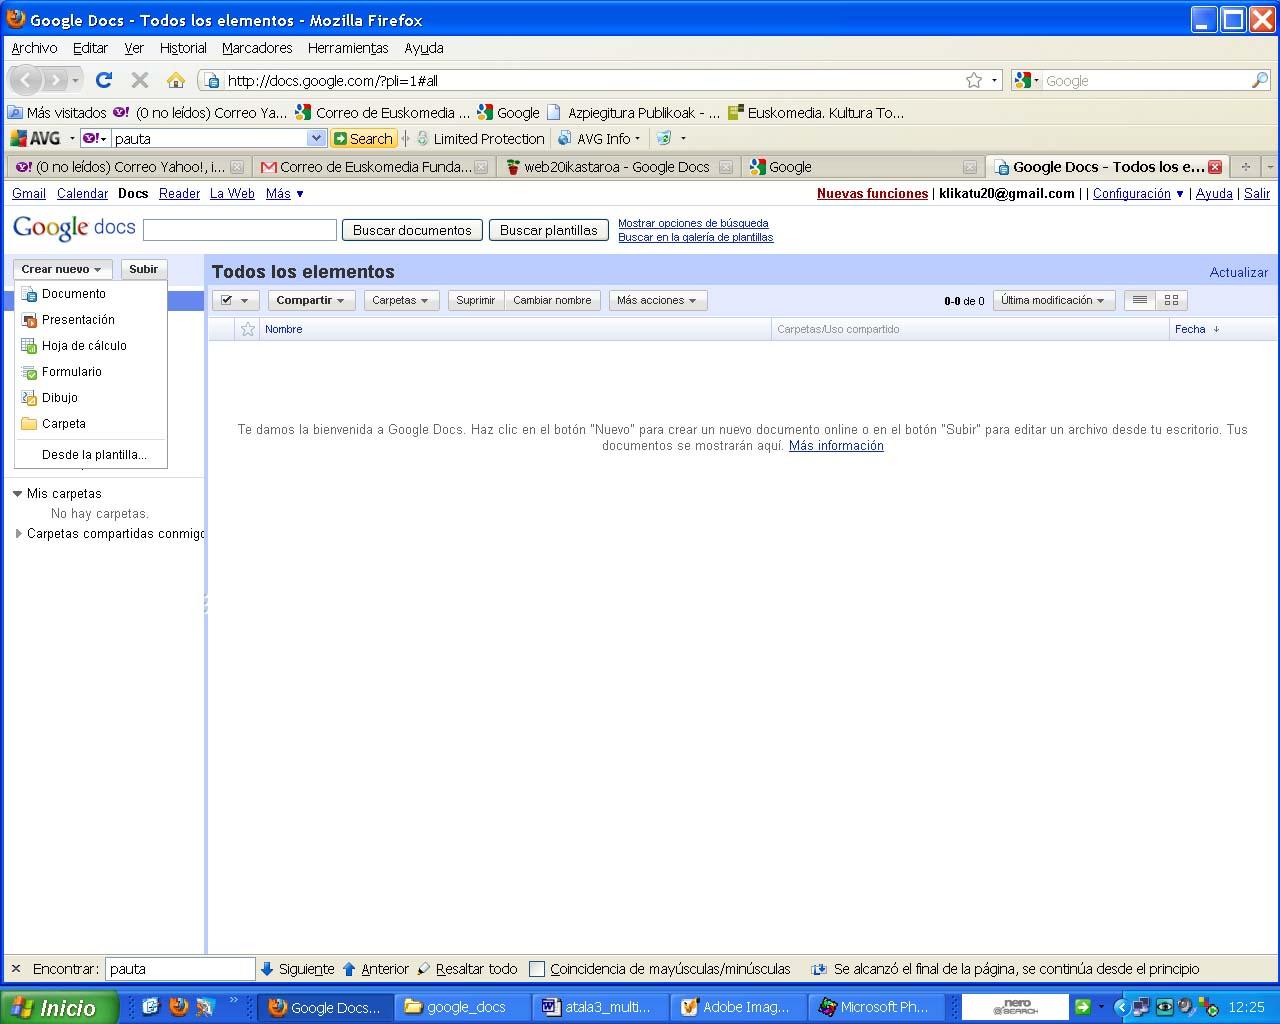 googledocs2.jpg